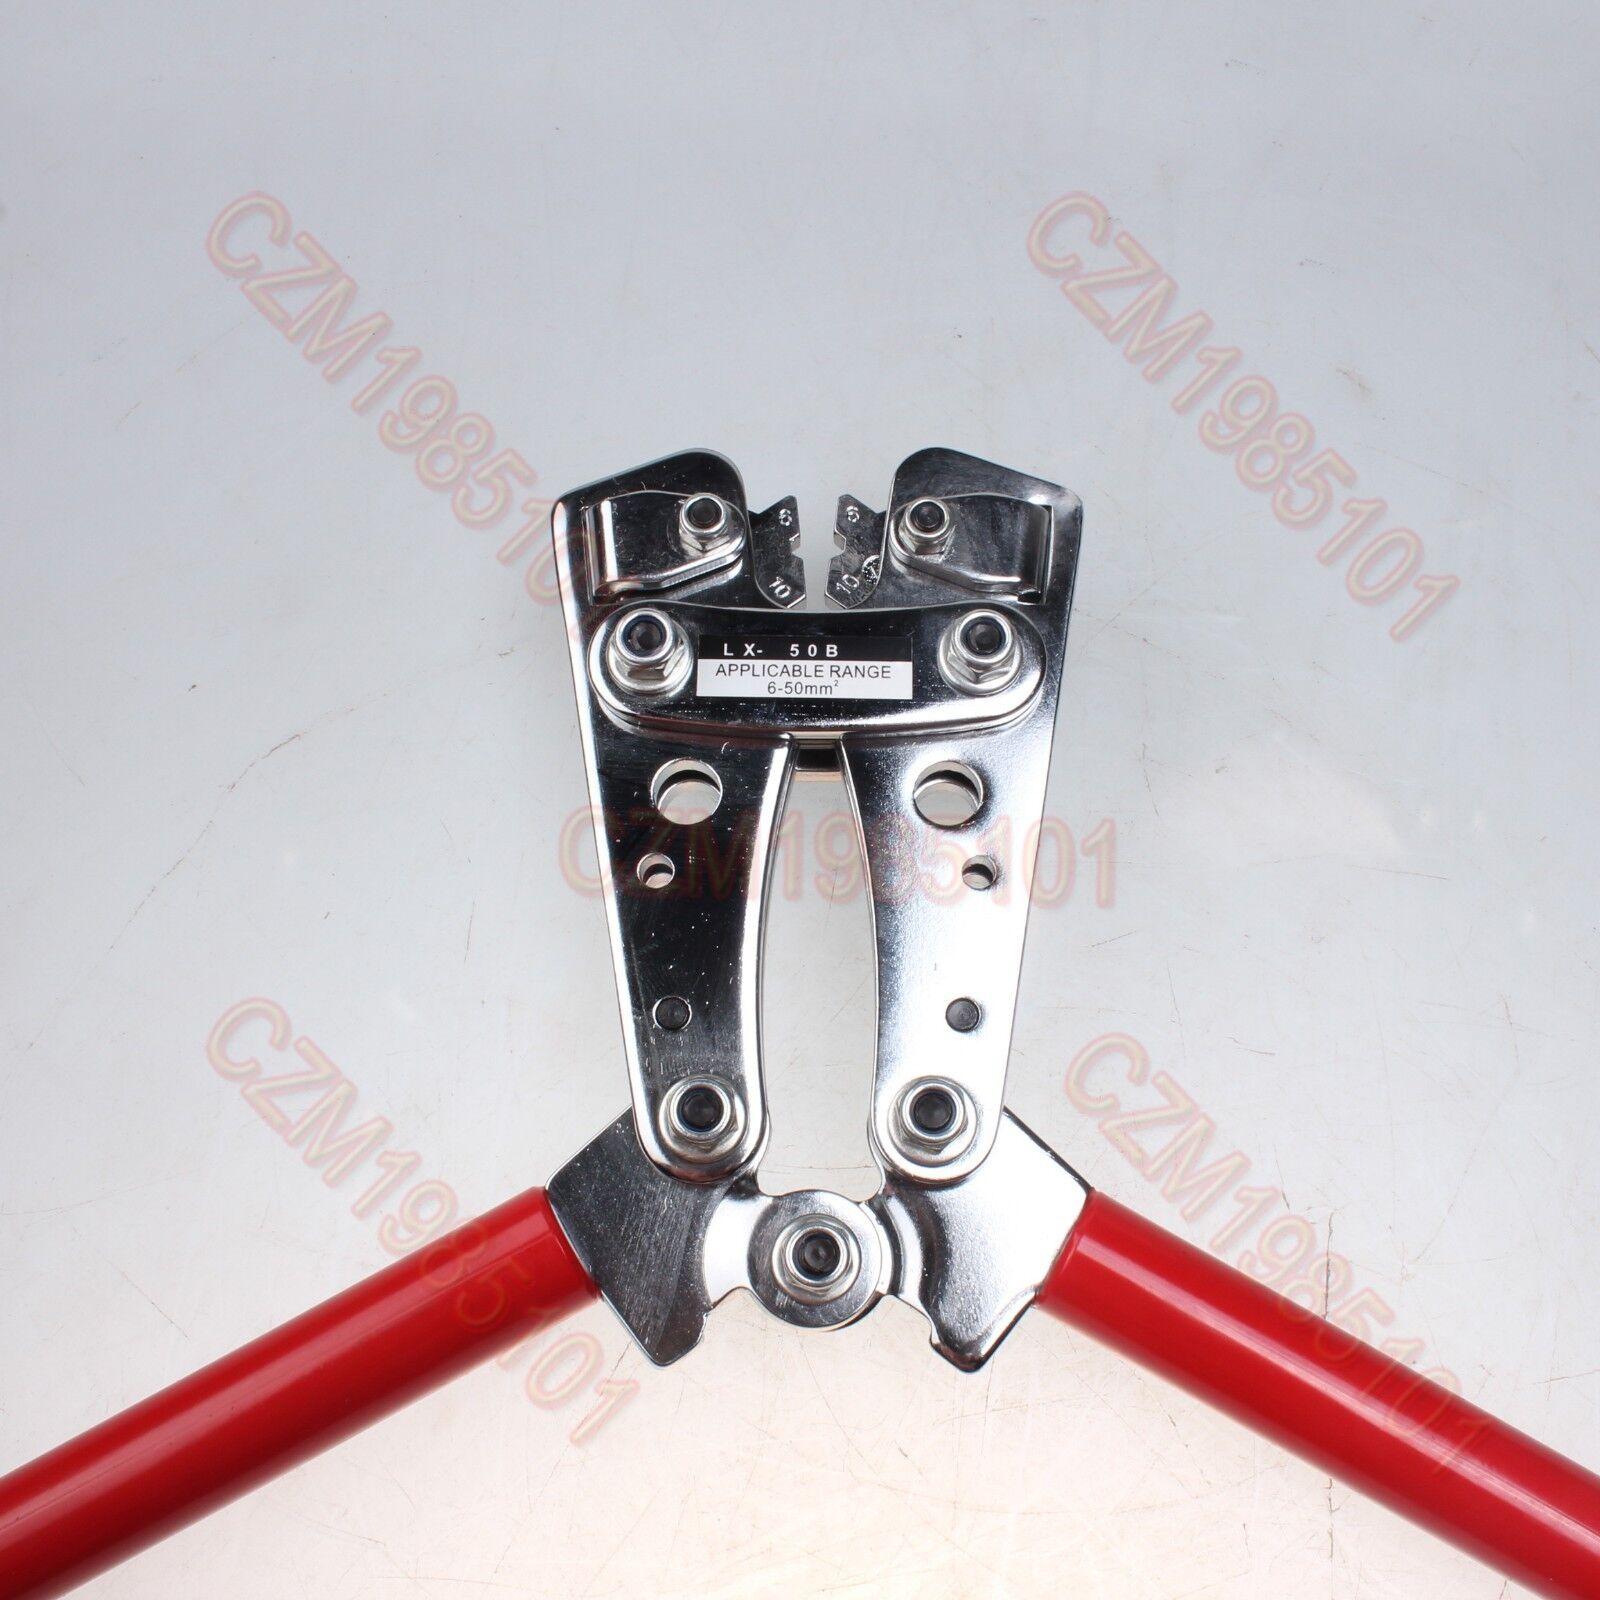 Heavy Duty Hex Crimping Tool Lx-50b Cable Lug Connectors Crimper ...